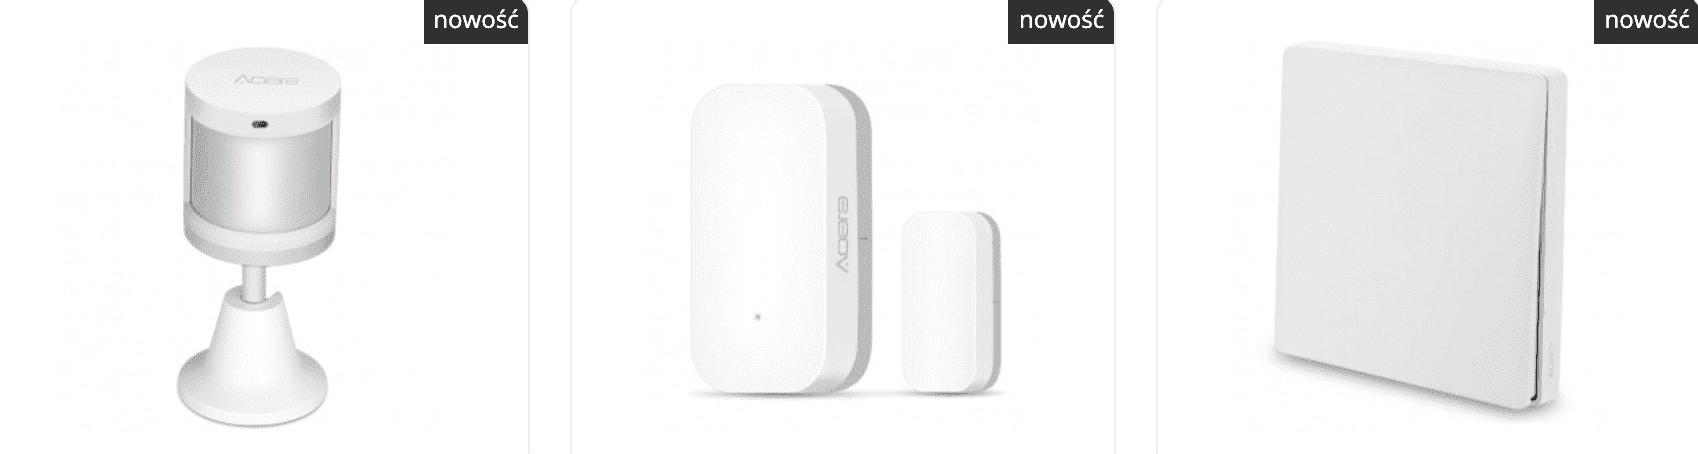 Inteligentne czujniki, przełączniki i inne urządzenia Aqara zgodne z HomeKit trafiły właśnie do oferty sklepu ThinkStore polecane, ciekawostki ThinkStore, homekit, Aqara w polsce, aqara  Urządzeń Aqara chyba nie trzeba nikomu przedstawiać. Za pomocą tych czujników i przełączników jesteśmy w stanie stworzyć nasz inteligentny dom zgodny z HomeKit za naprawdę niewielkie pieniądze. aqara